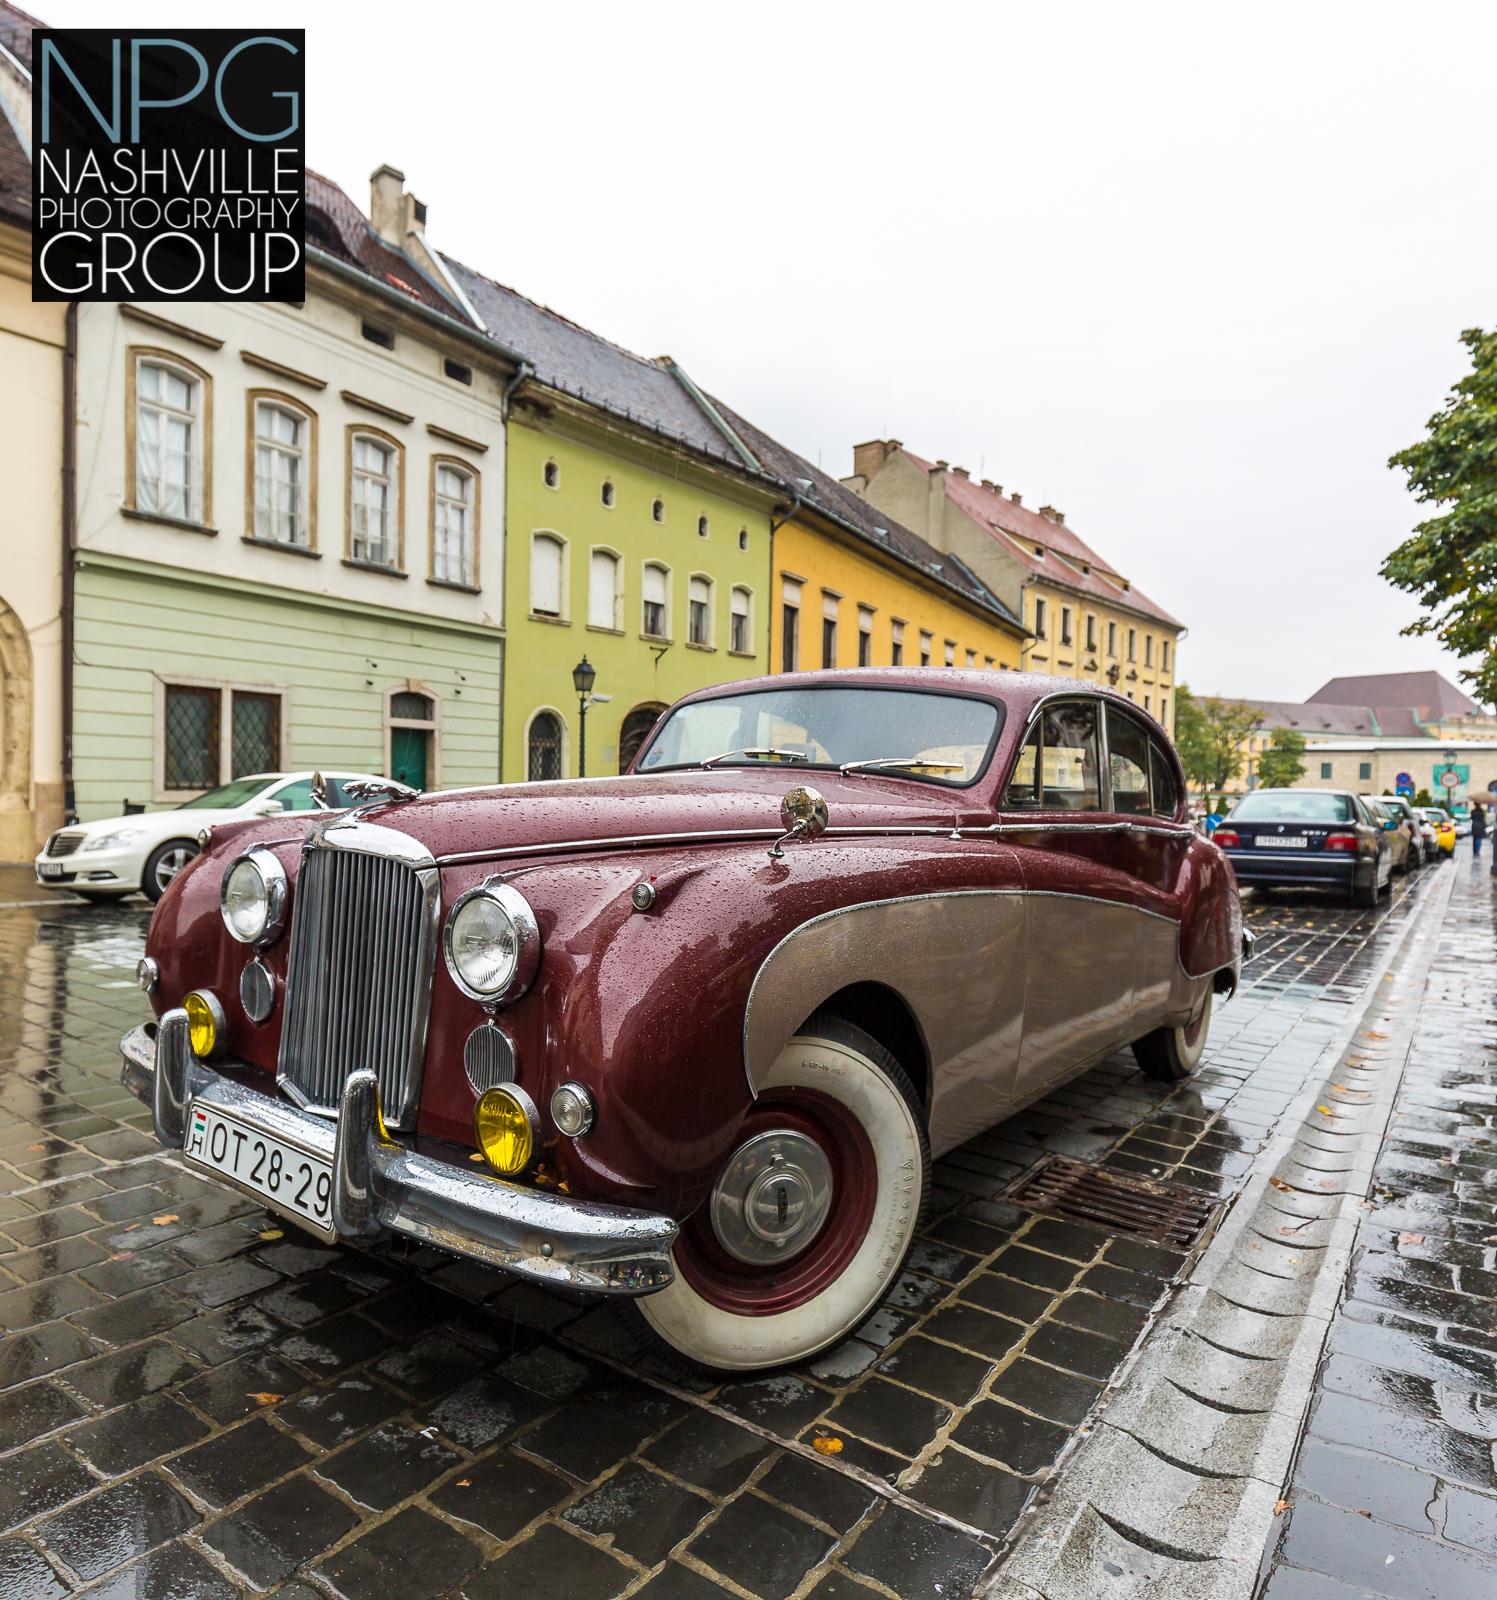 Budapest Hungary destination wedding - Nashville Photography Group